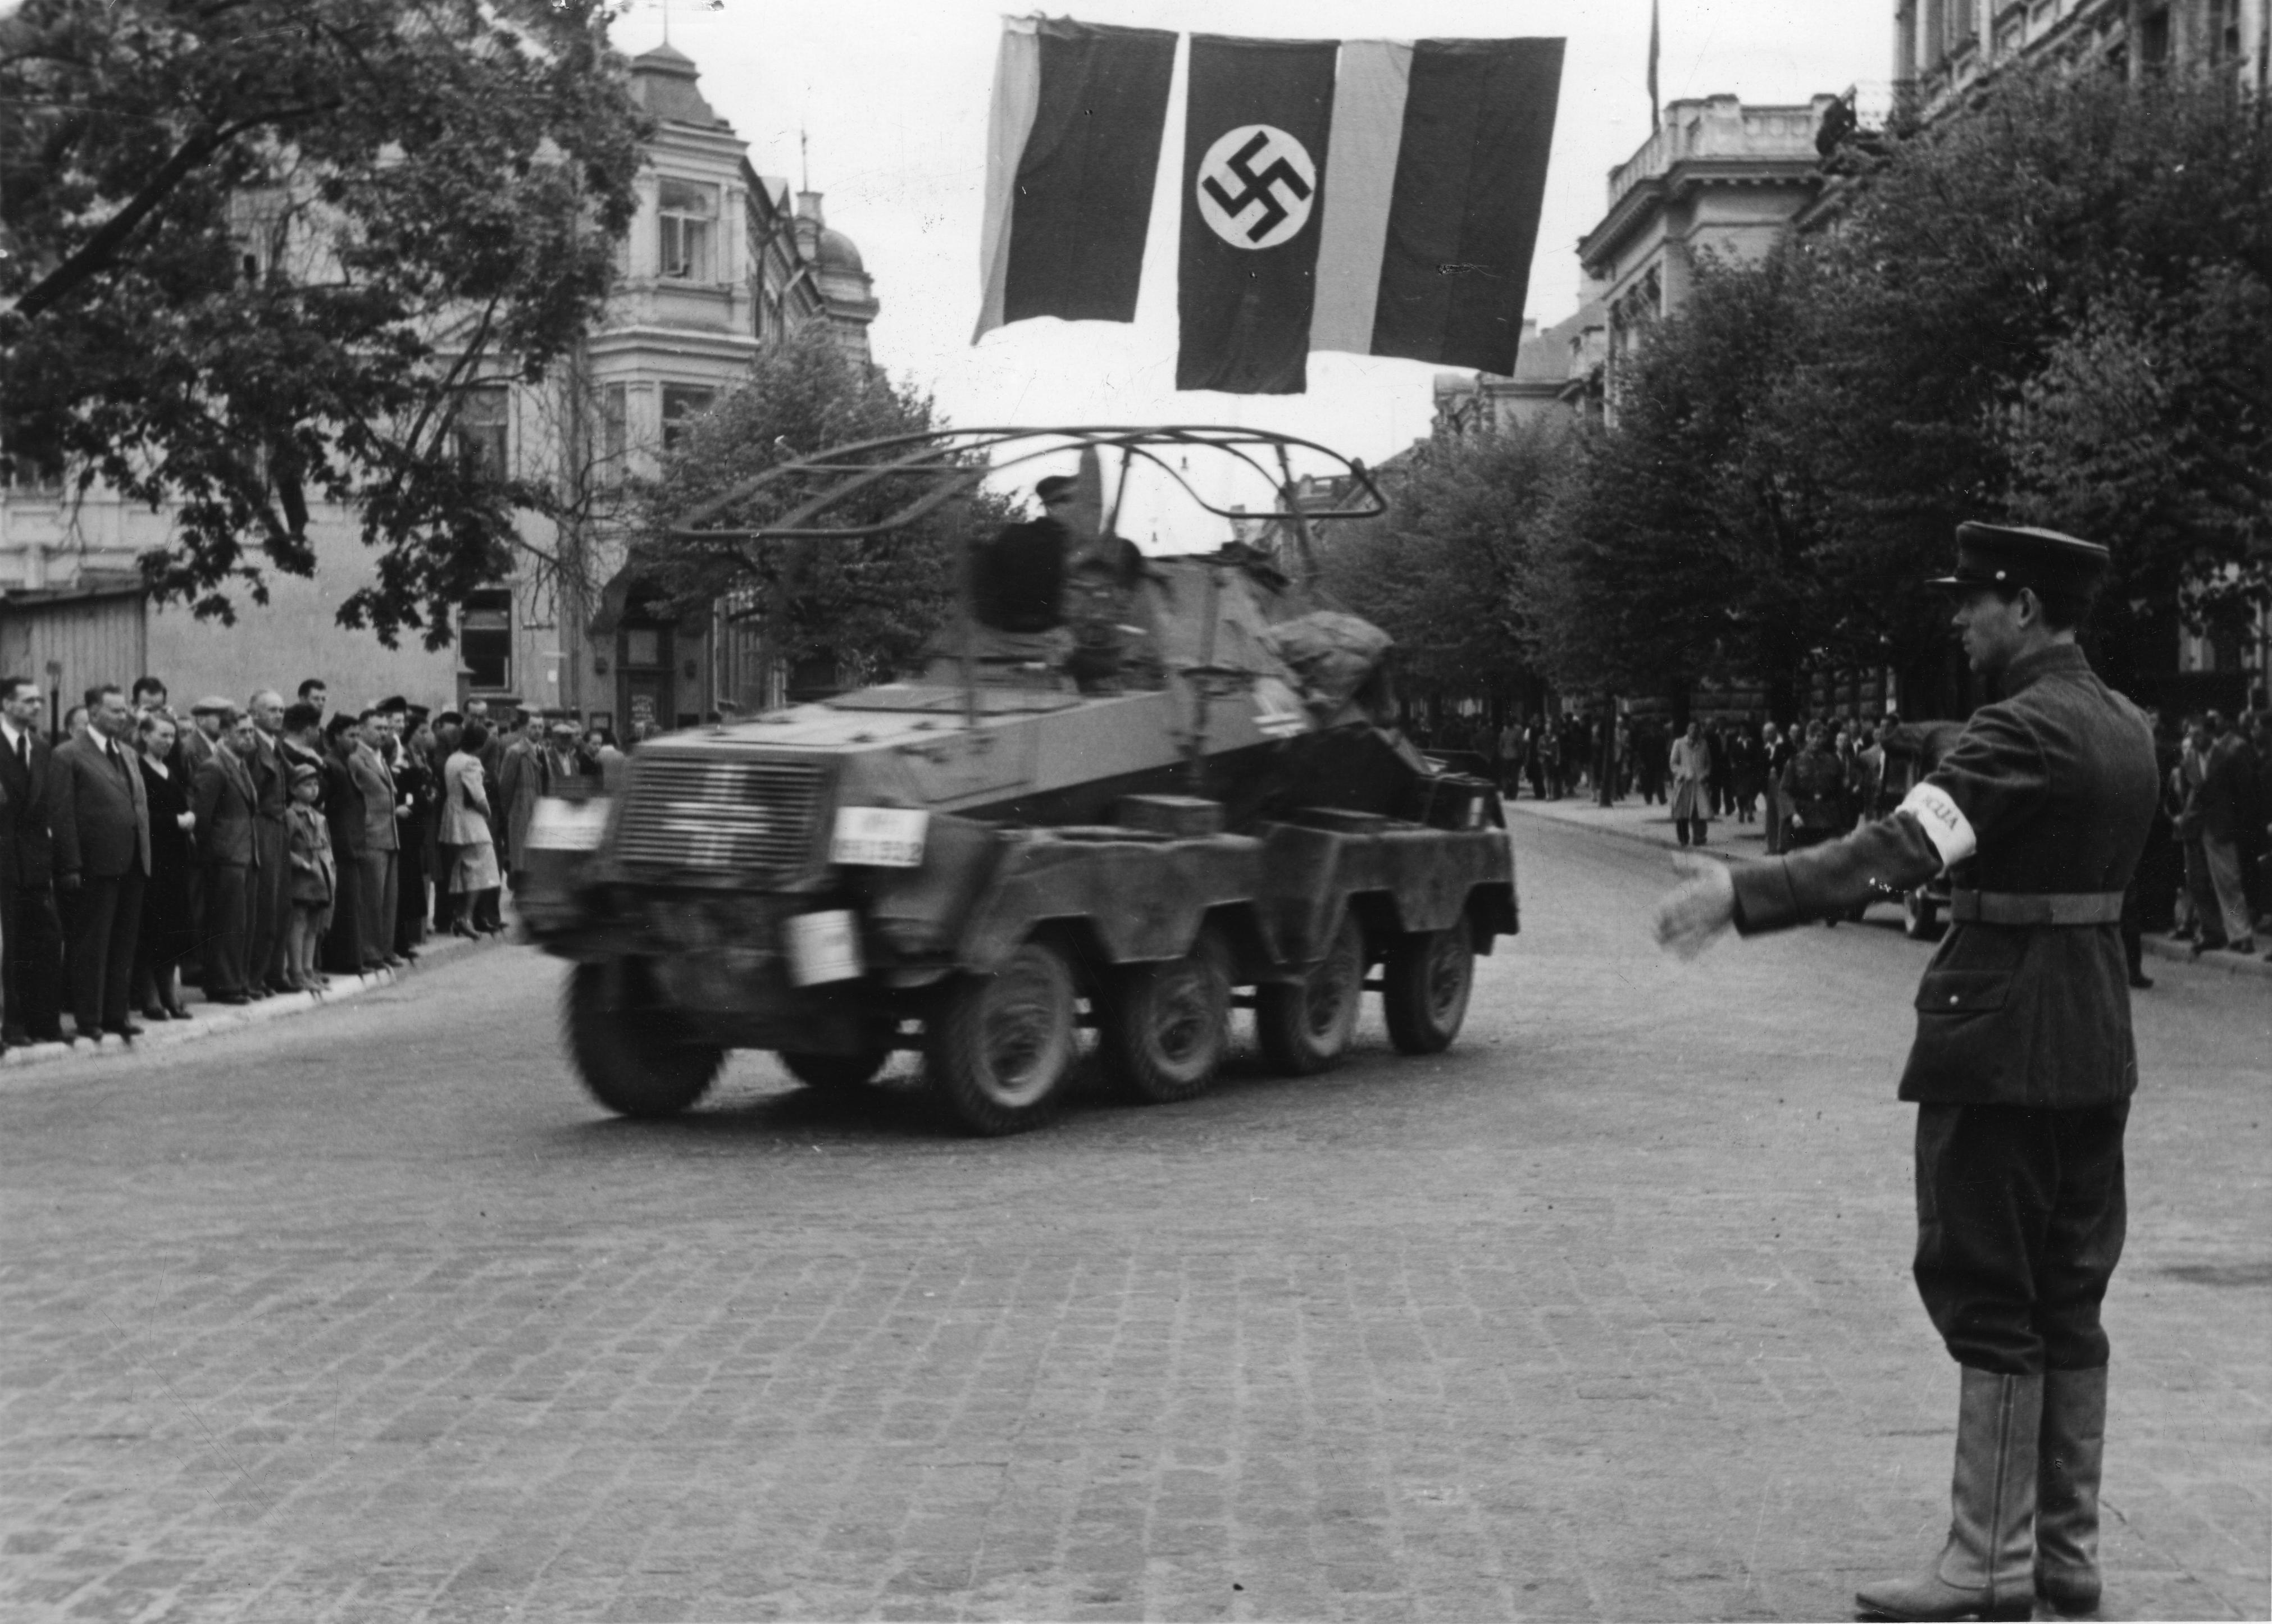 Lietuvių karys sukilėlis reguliuoja eismą Gedimino prospekto pradžioje. Atvykstant Vokietijos Vermachto daliniams Vilniuje, padėtis mieste jau valdoma sukilėlių. 1941 birželio 24 d. | Bundesarchiv nuotr.